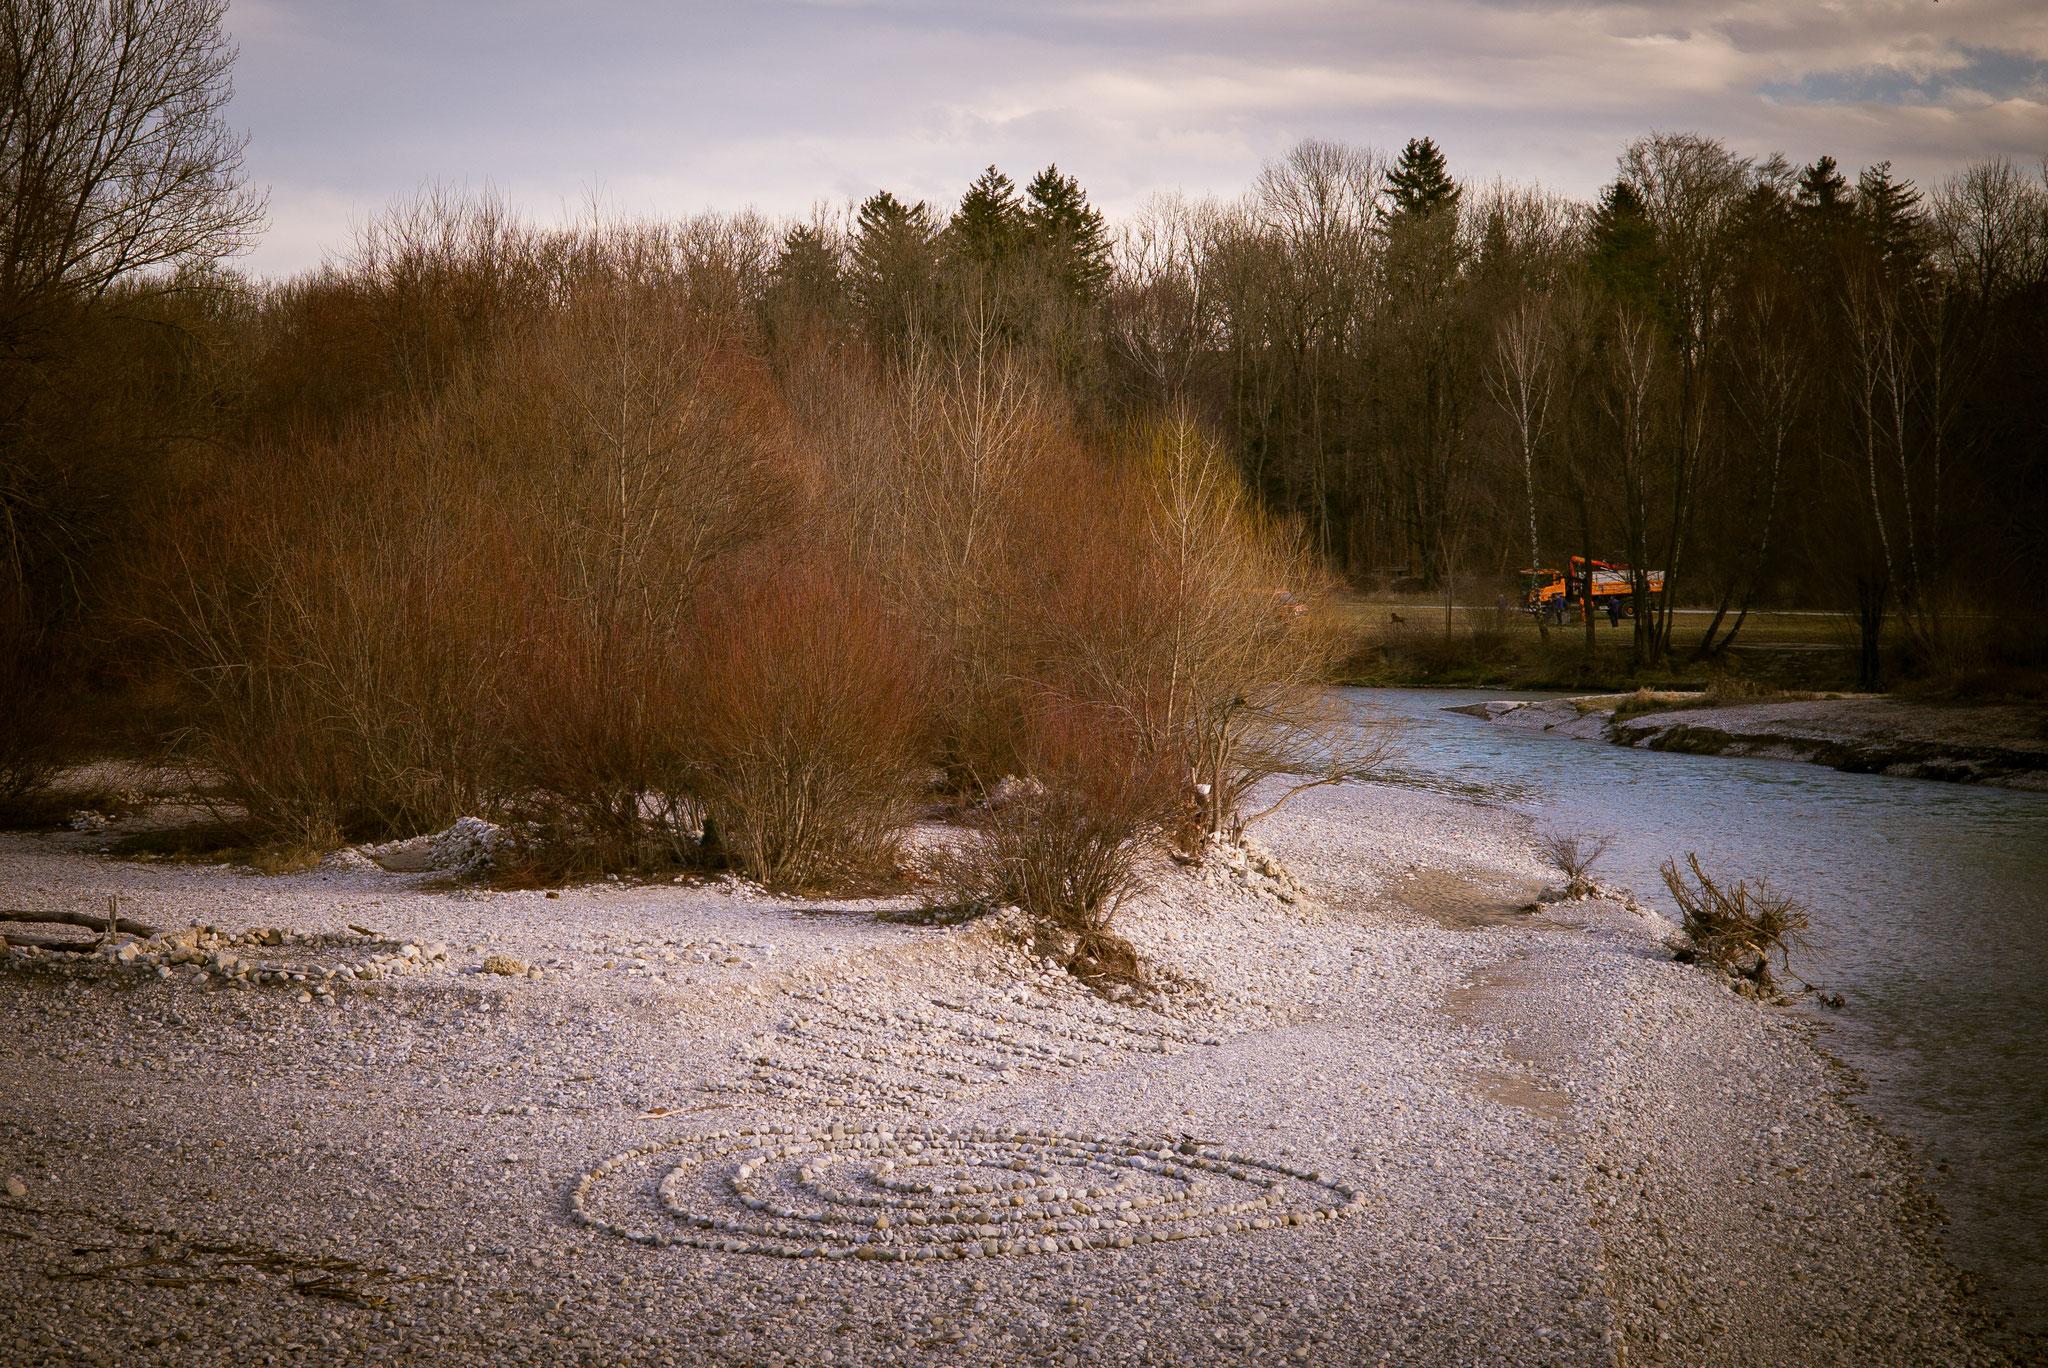 Kiesbank beim Flaucher in Thalkirchen im Winter mit Steinkreis.